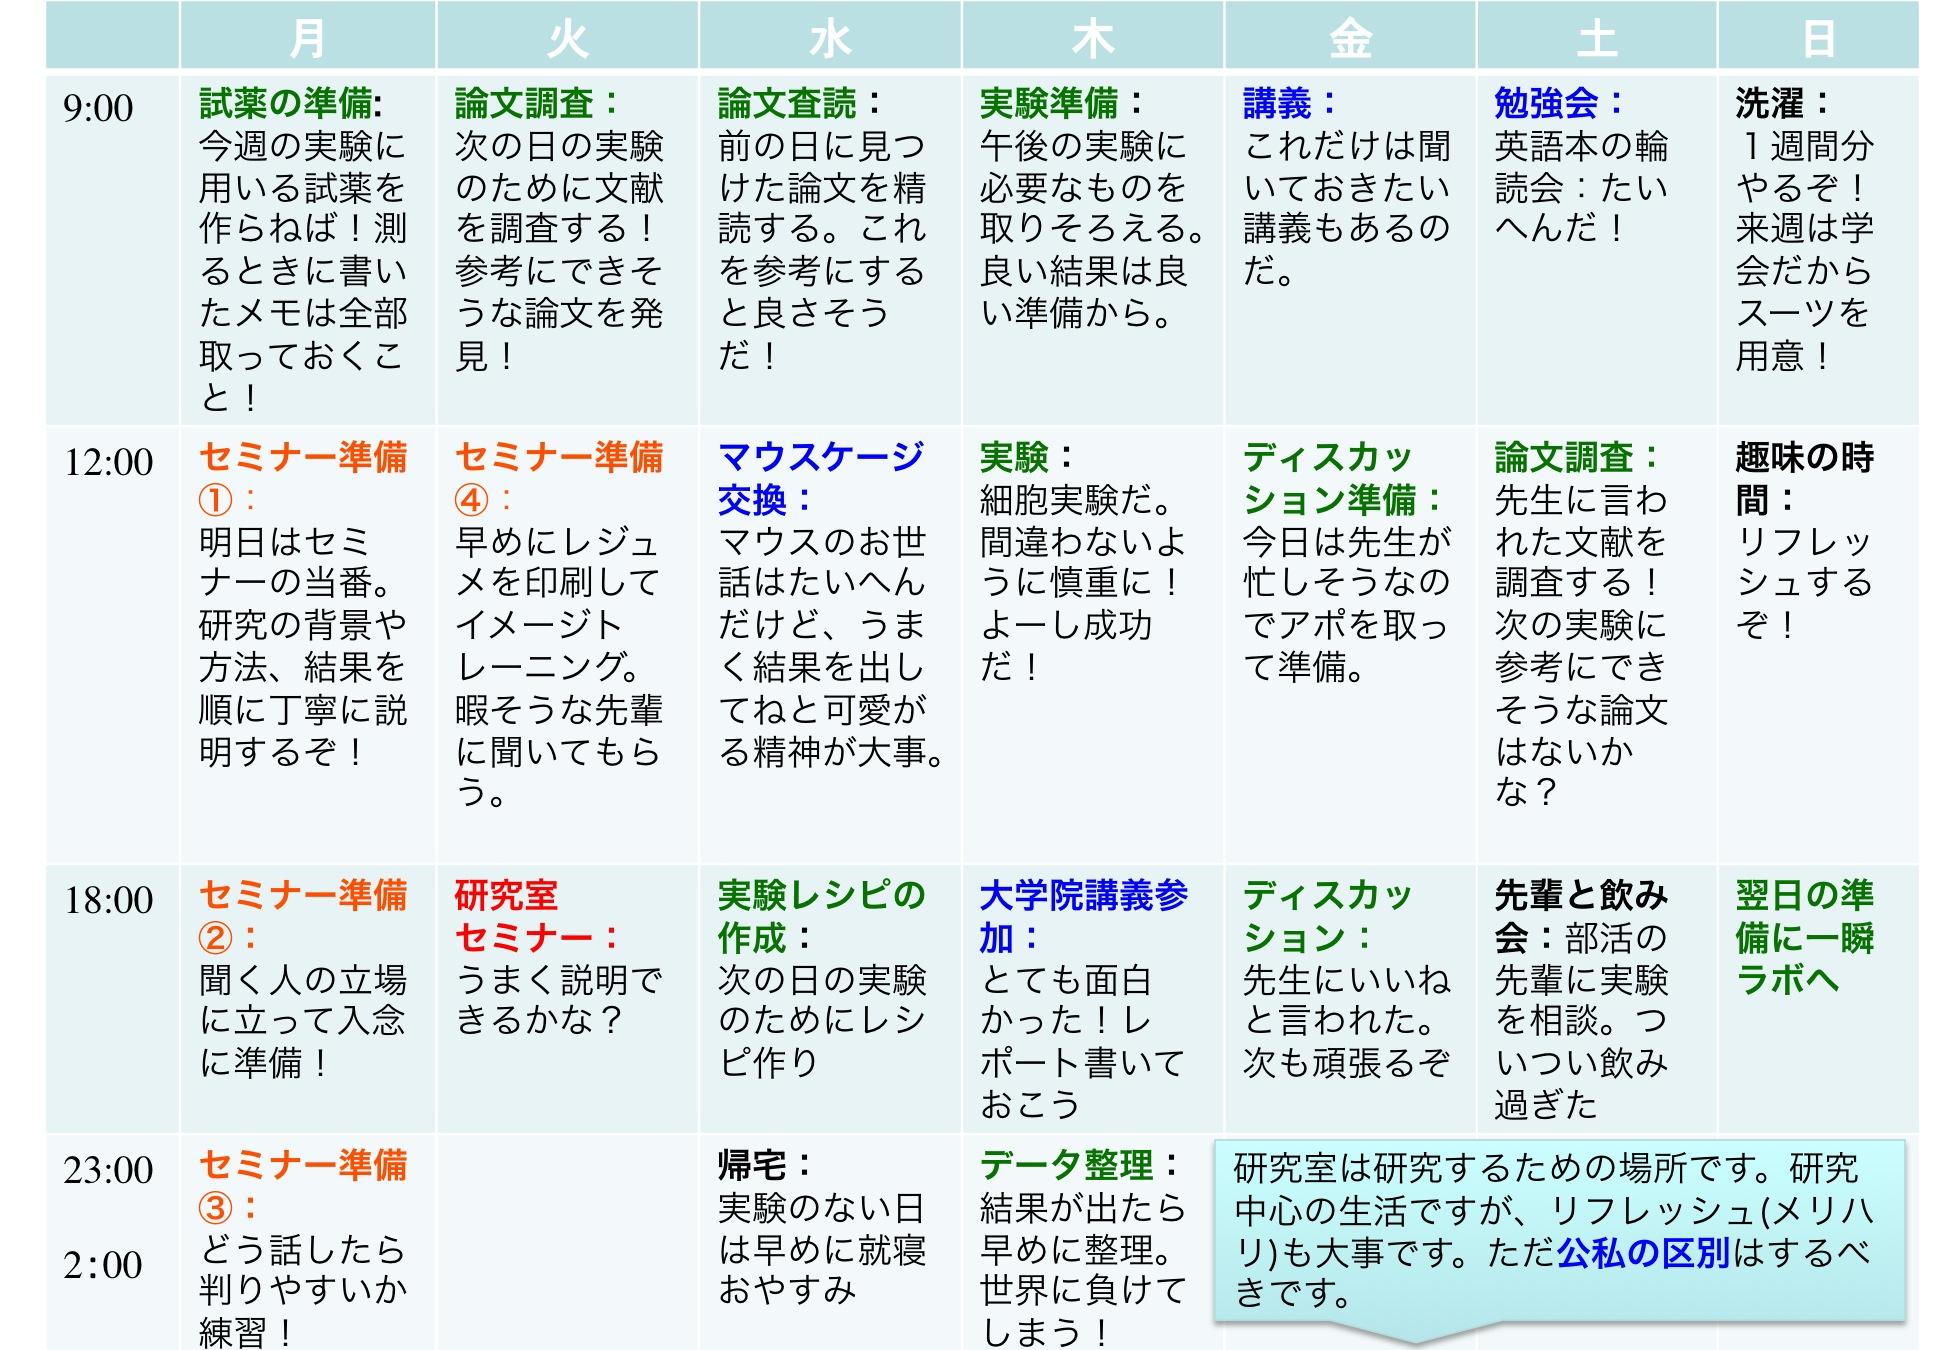 4kaisei20140612.jpg